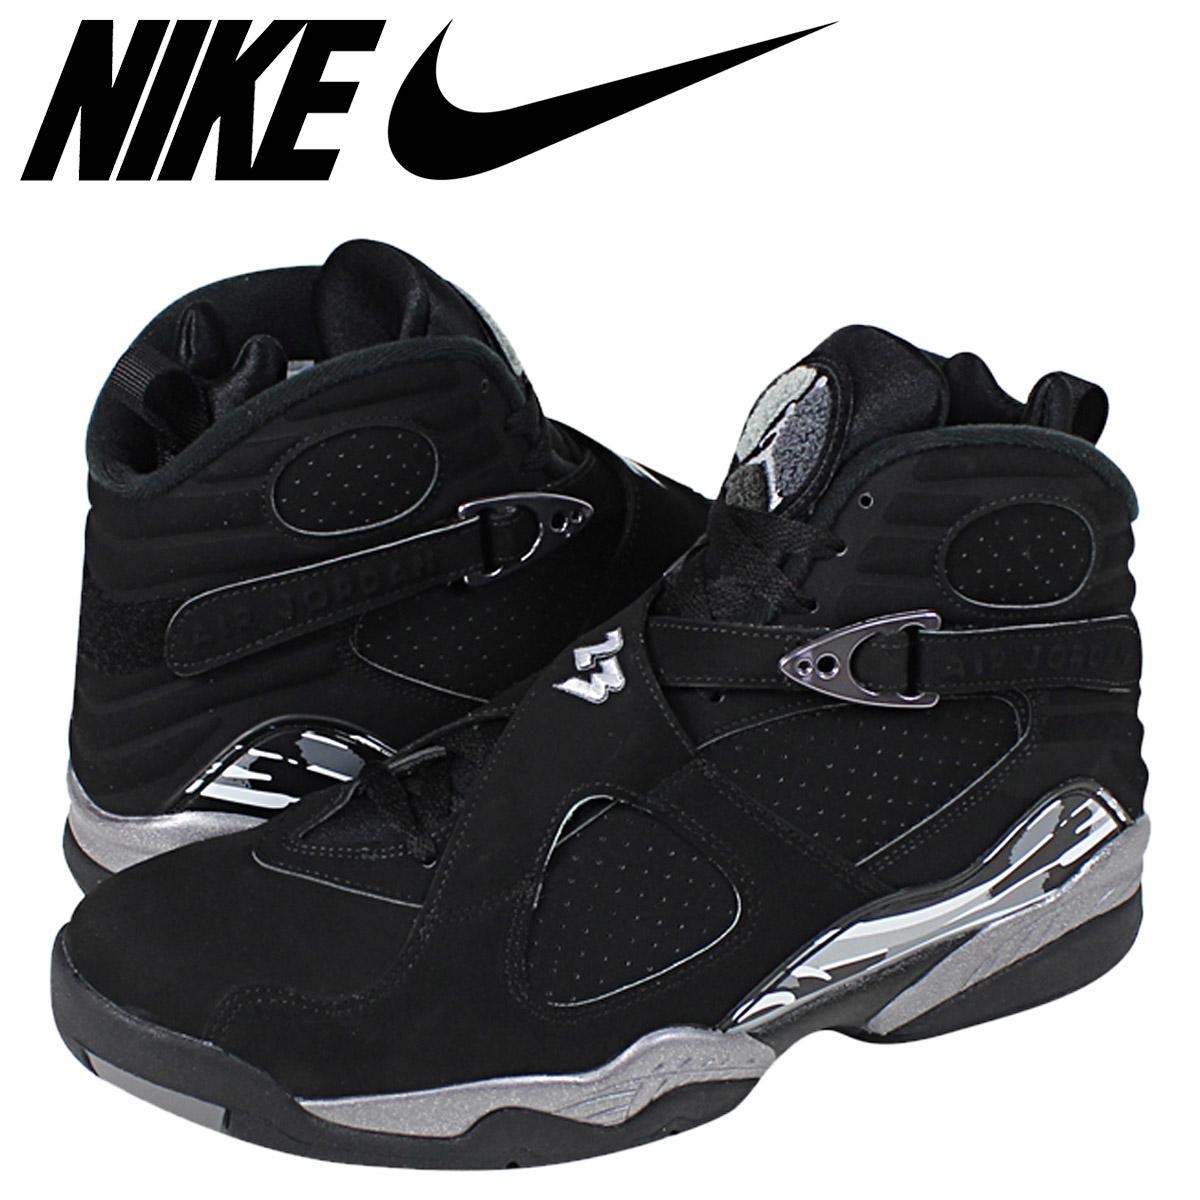 buy popular 29037 0fd18 Nike NIKE Air Jordan sneakers AIR JORDAN 8 RETRO CHROME Air Jordan 8 Retro  chrome 305381-003 black mens